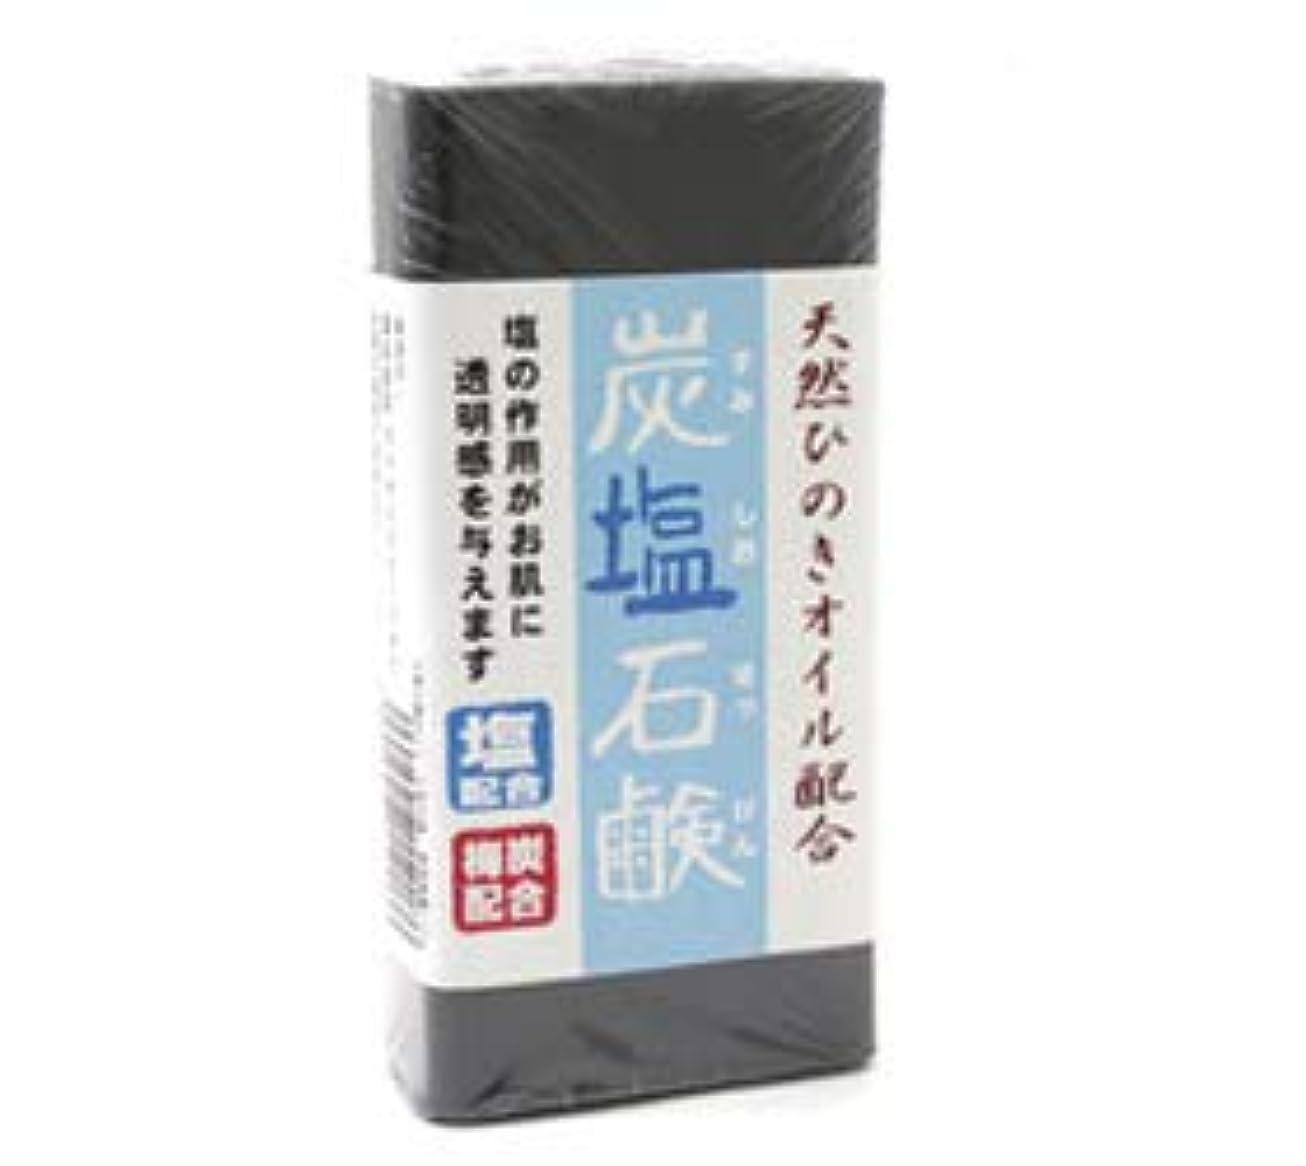 ロースト操縦するスキャン炭塩石鹸 ロングサイズ 【 天然ひのきオイル配合】